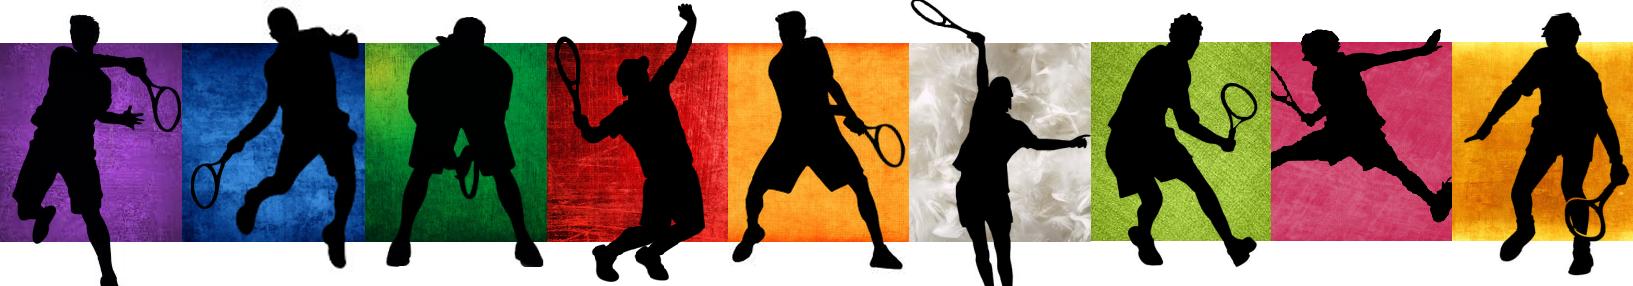 prince_of_tennis___seigaku_team_banner_by_swisskun-d7s0v4l